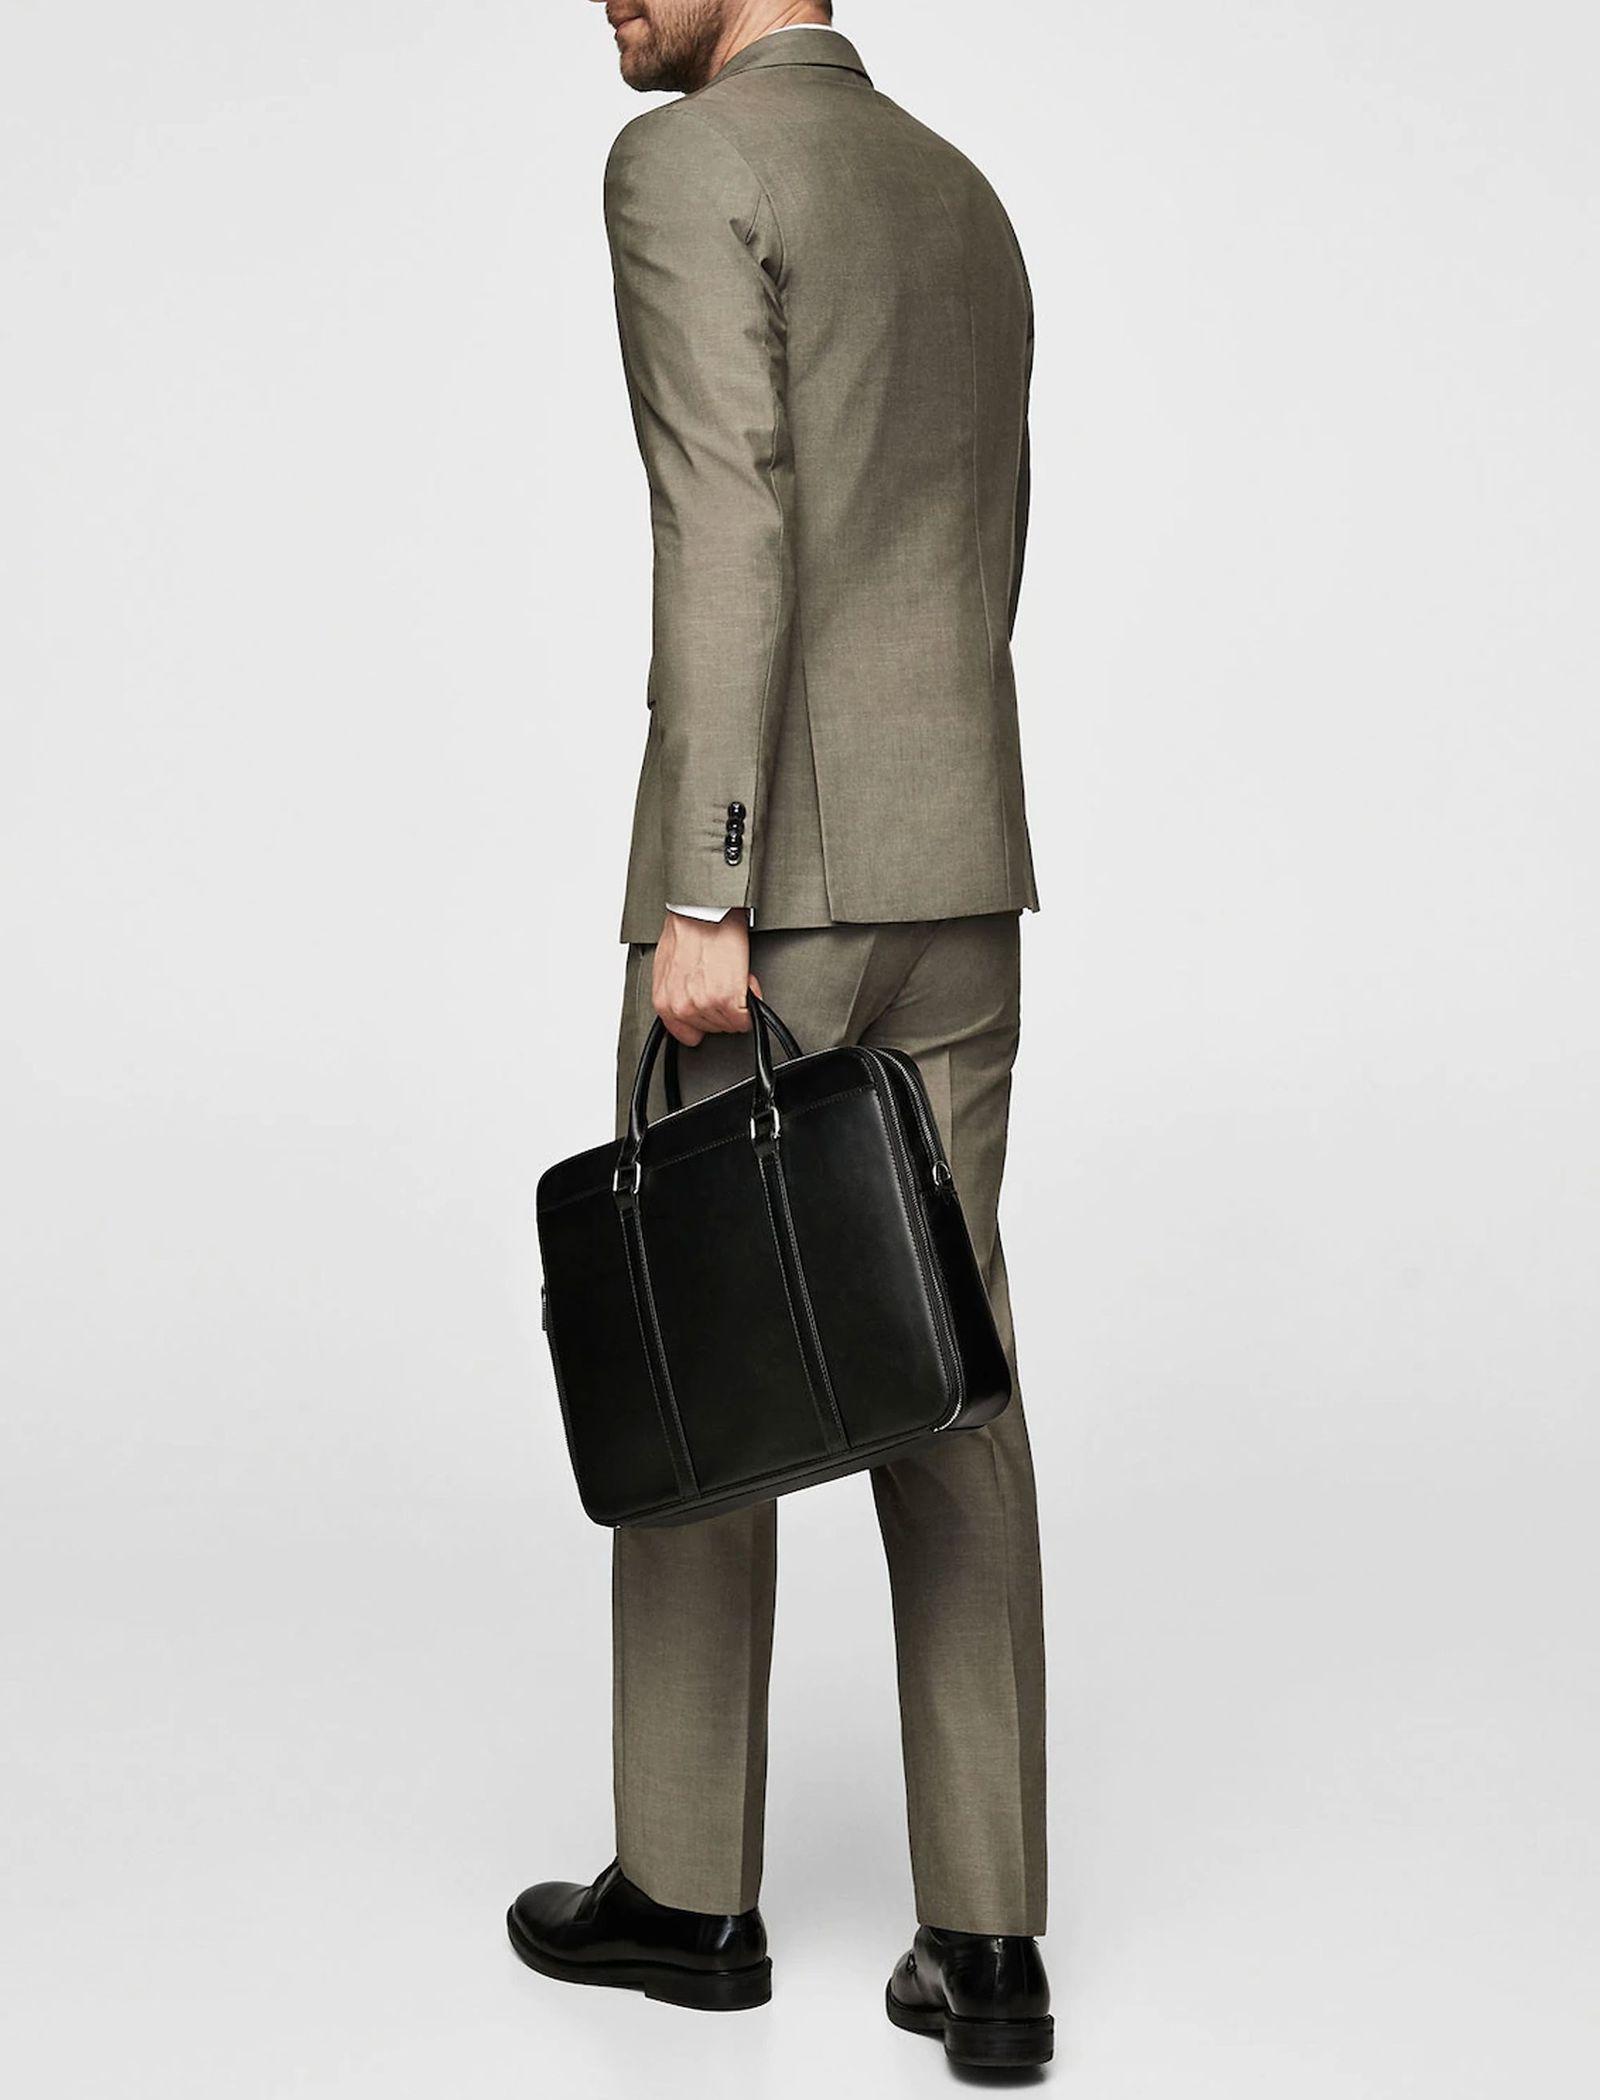 کیف روزمره دستی مردانه - مانگو - مشکي - 5